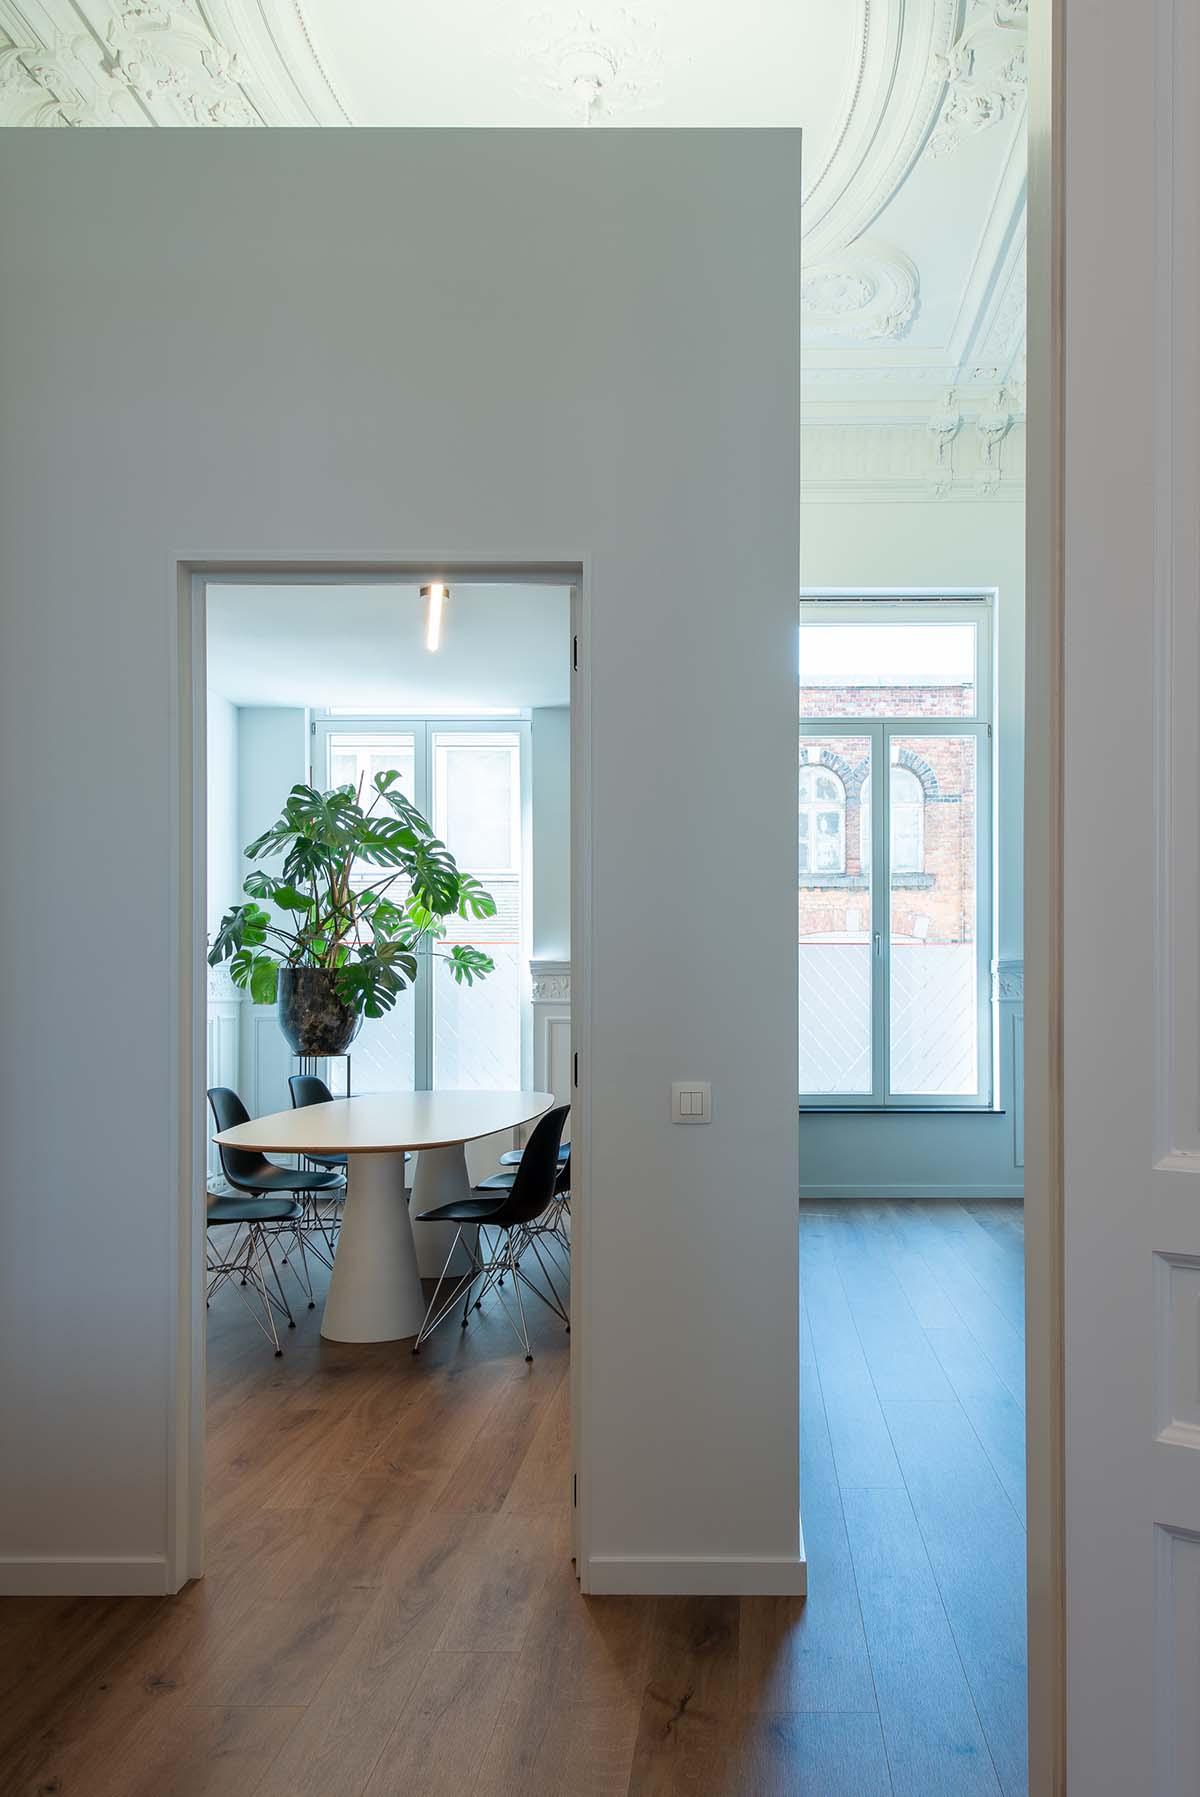 vergaderruimte ontwerp interieurarchitect limburg